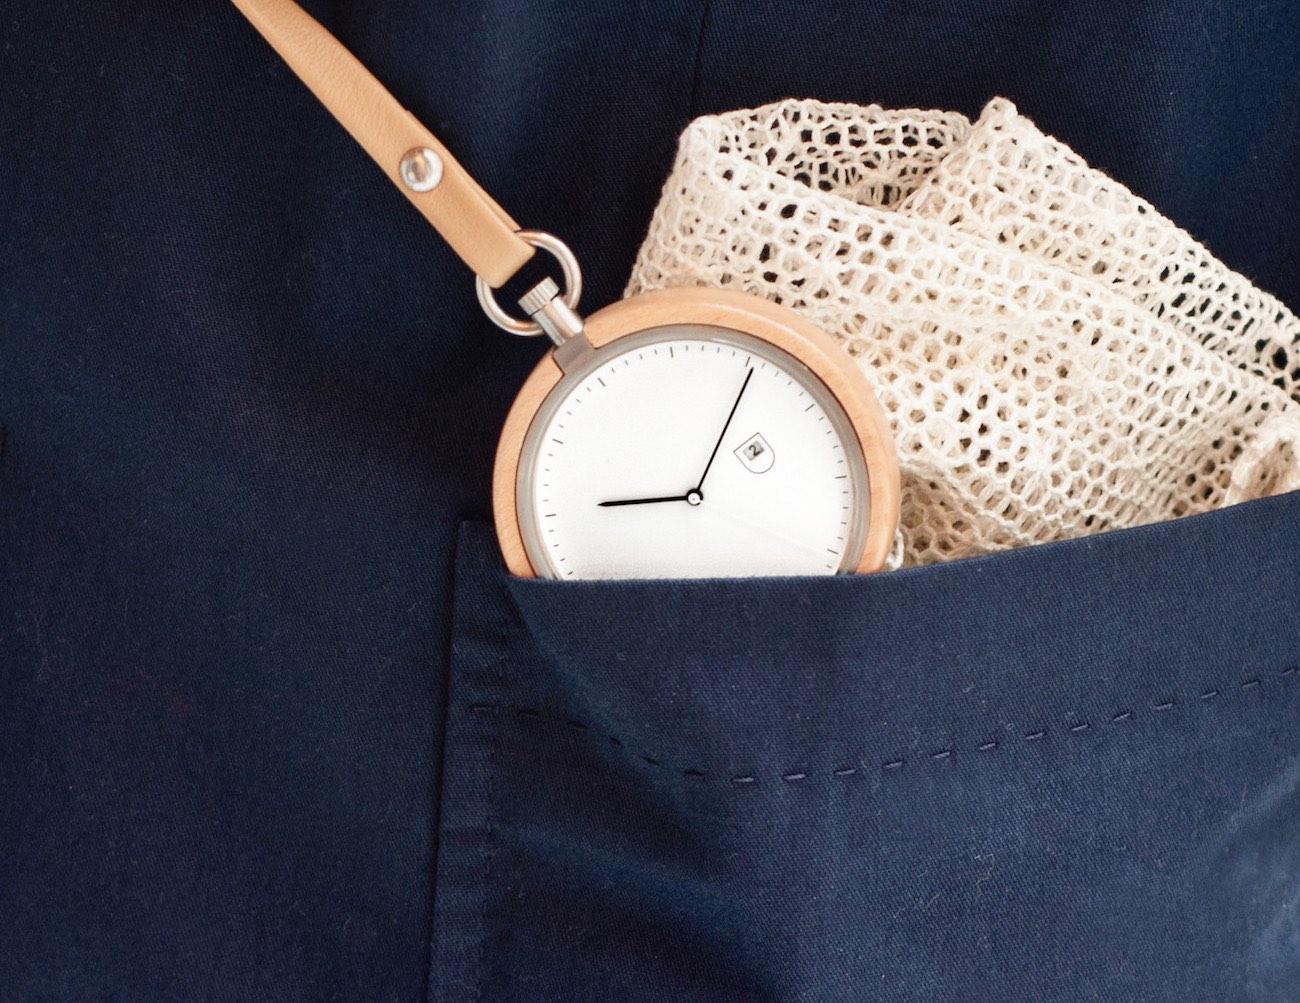 calendar-maple-pocket-watch-by-mmt-03